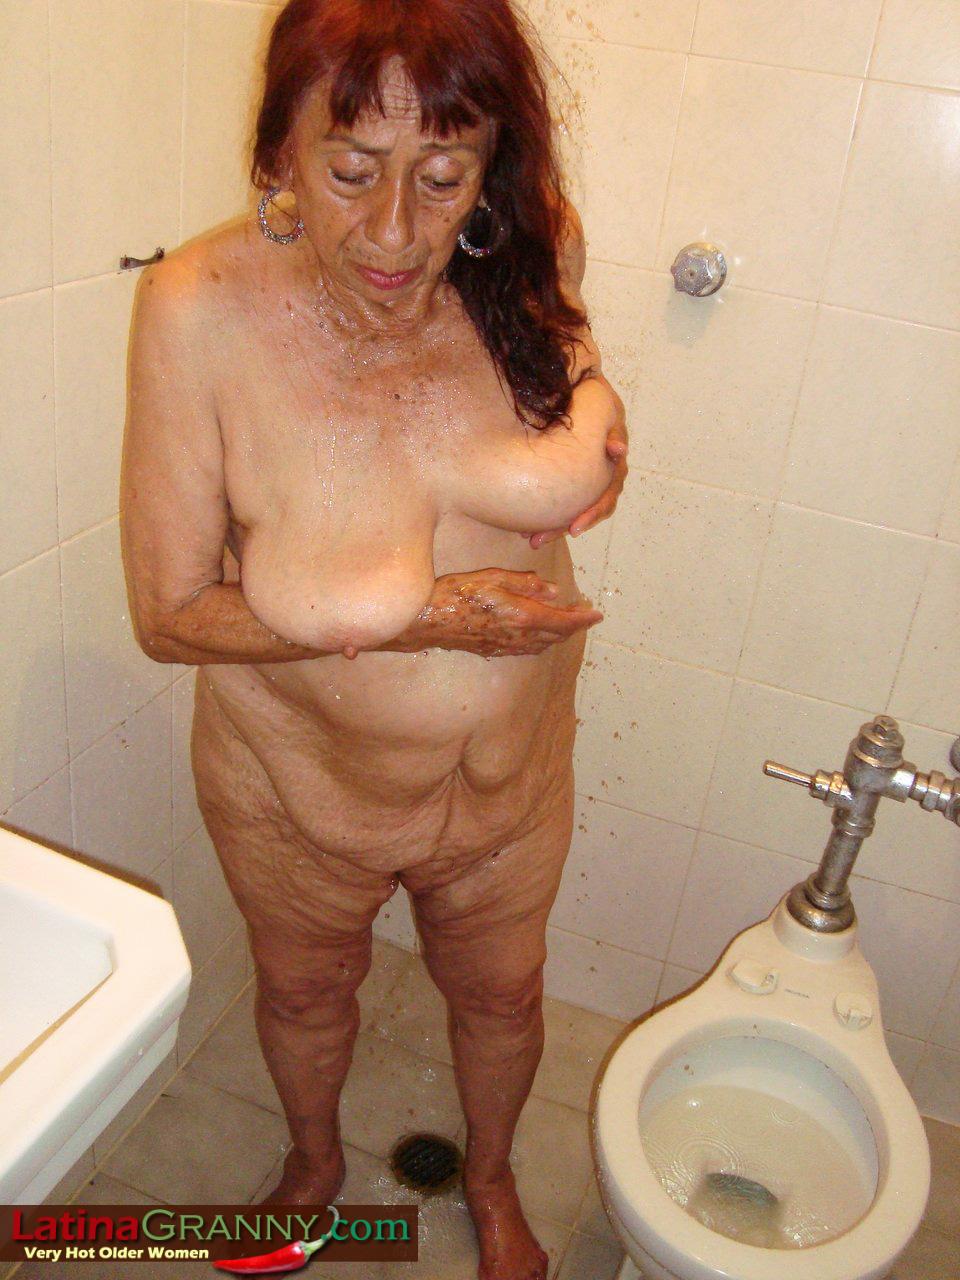 mature latina granny sex pics free video 18+